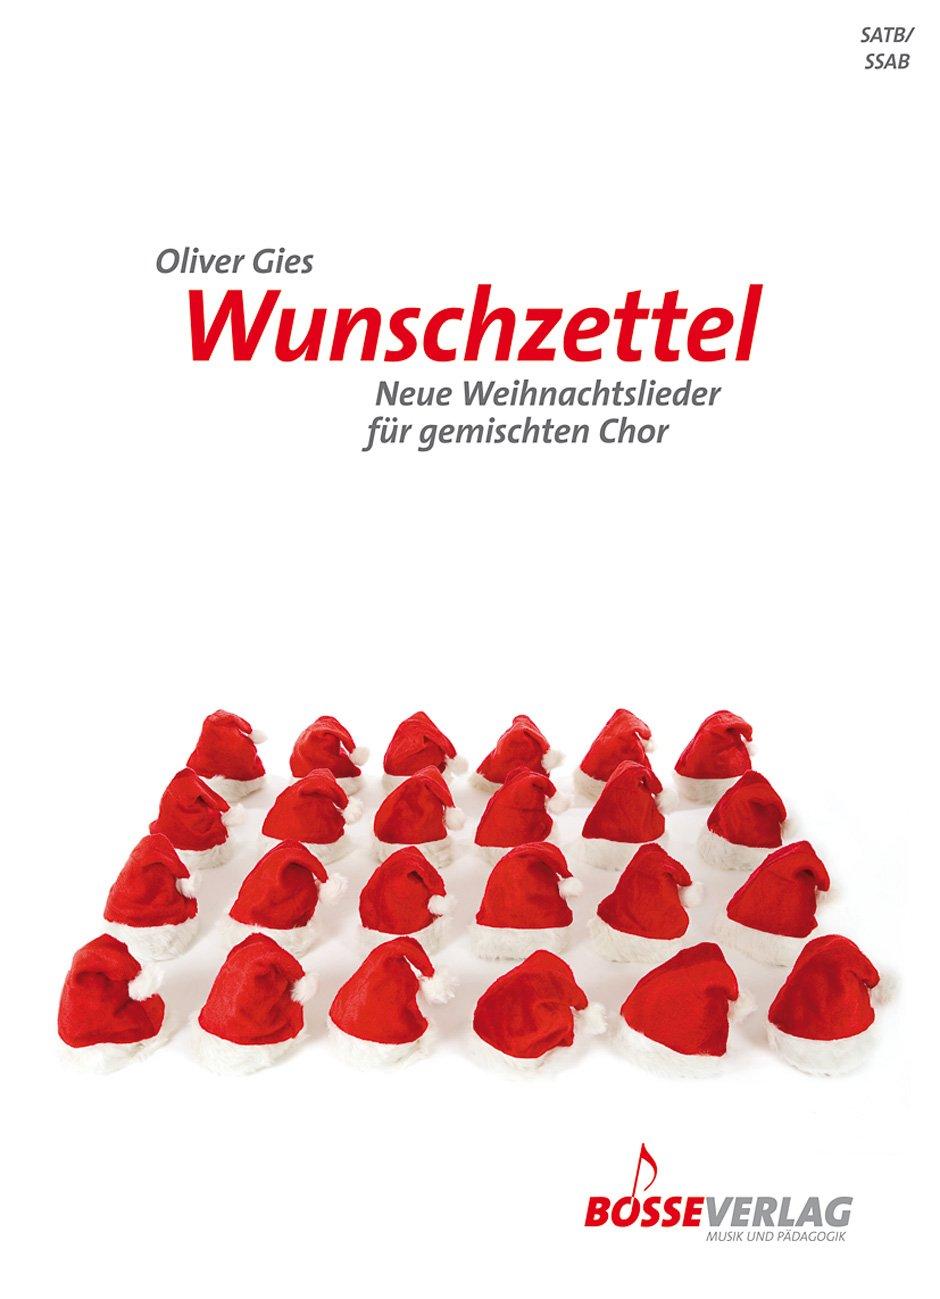 Wunschzettel -Neue Weihnachtslieder für gemischten Chor ...